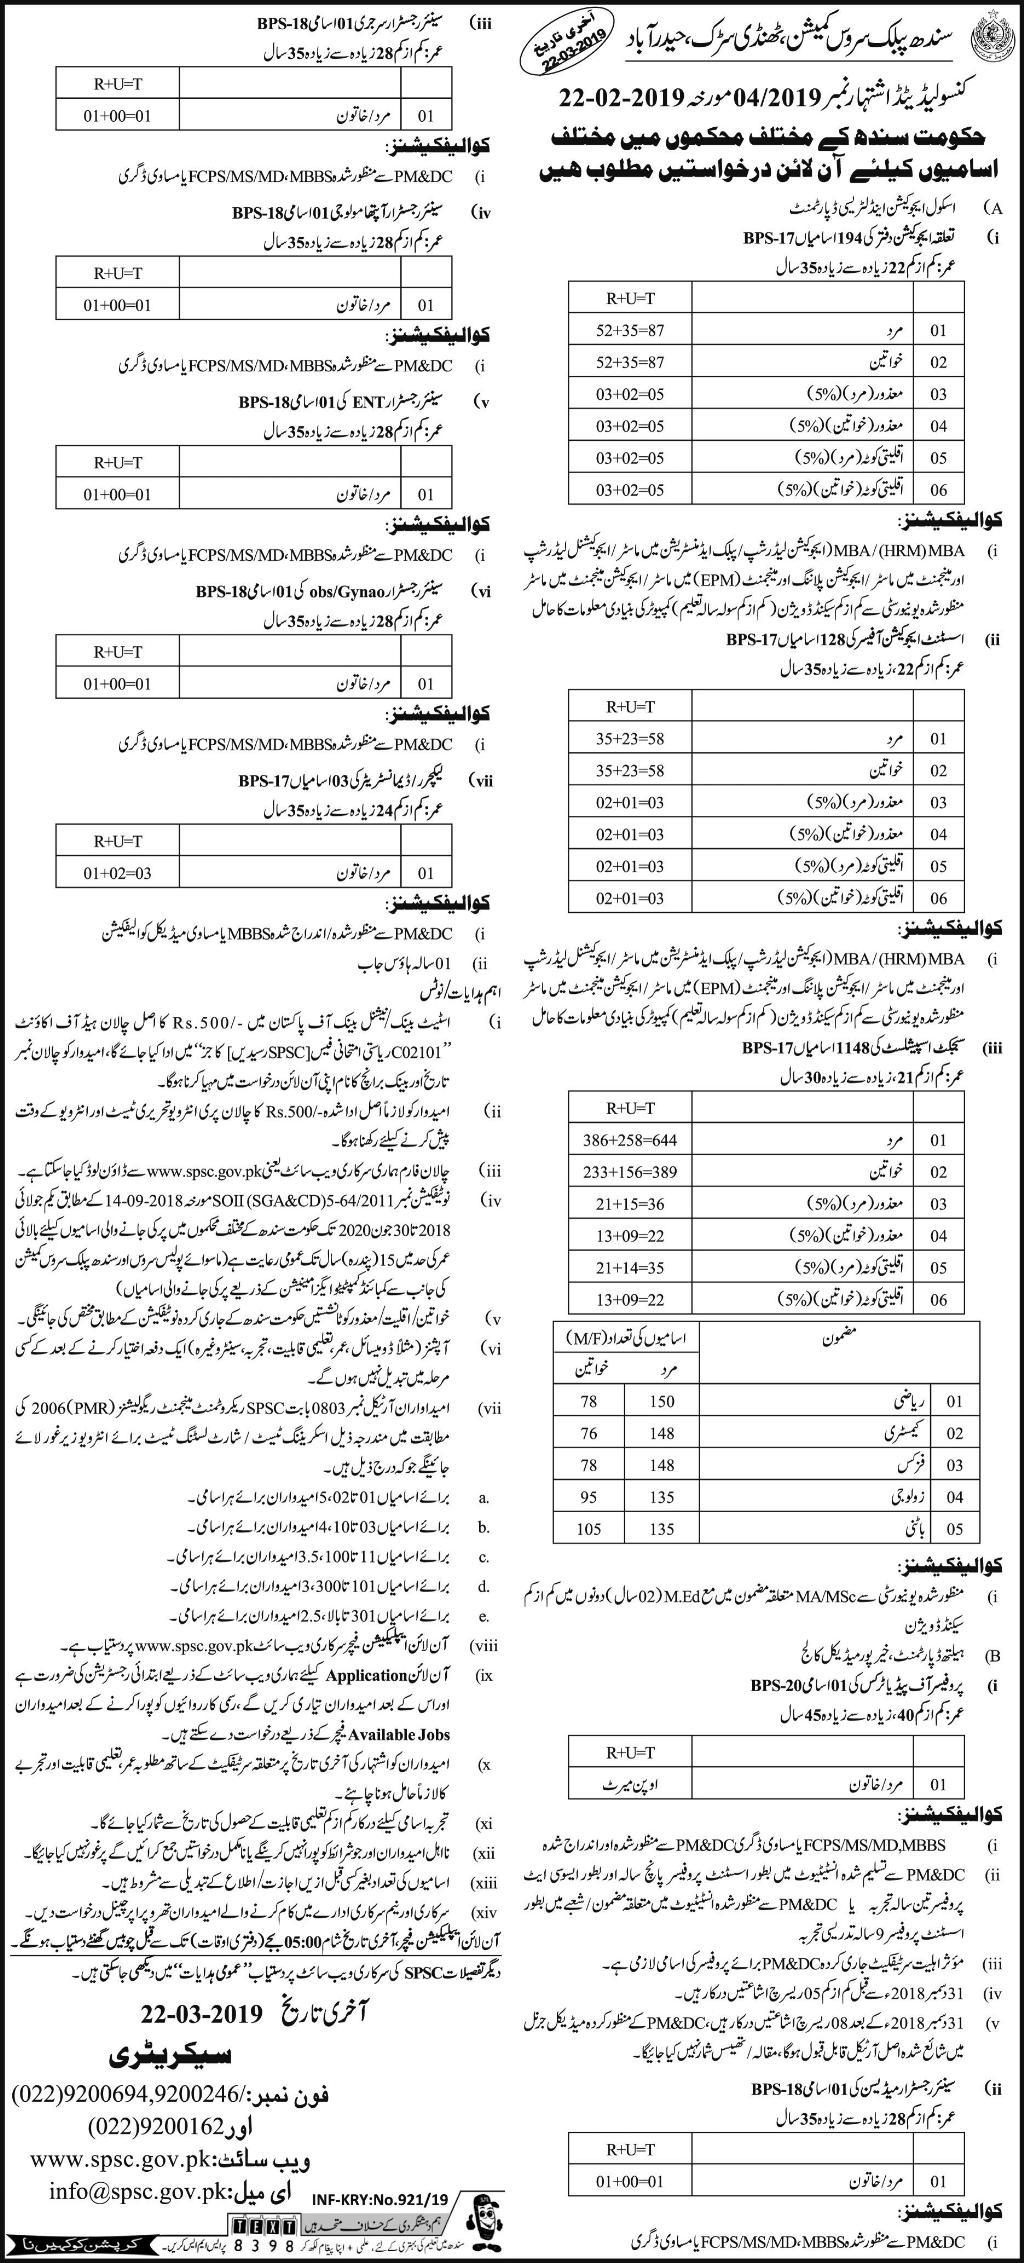 belize public service application form